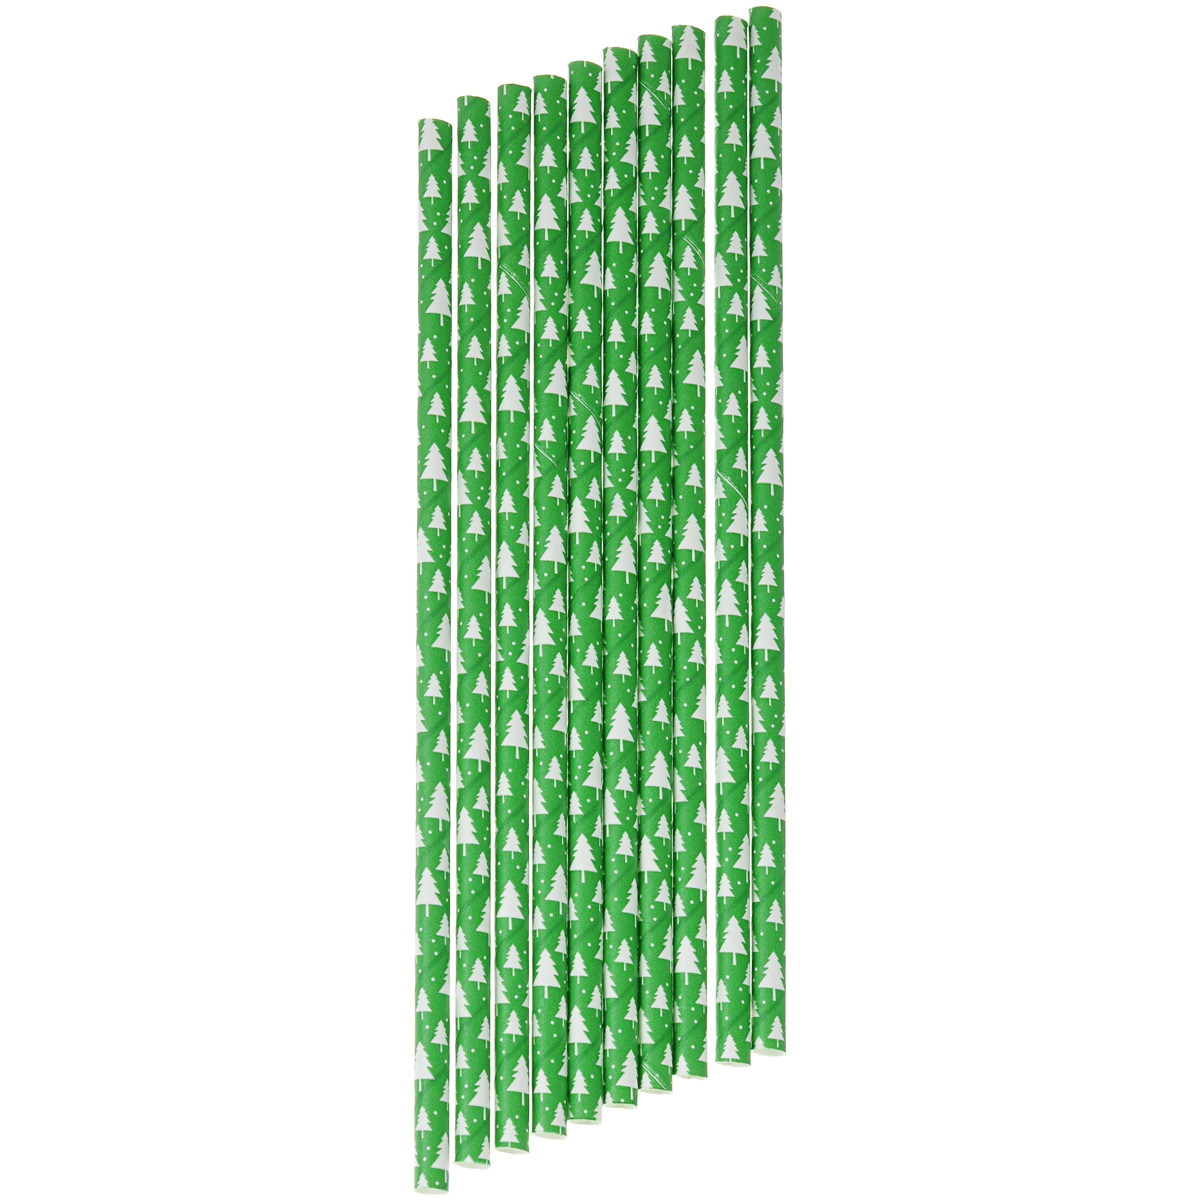 Набор бумажных трубочек Dolce Arti Лесной мотив, цвет: зеленый, 10 штVT-1520(SR)Набор Dolce Arti Лесной мотив состоит из 10 бумажных трубочек, предназначенных для напитков. Цветные трубочки станут не только эффектным украшением коктейлей, но и ярким штрихом вашего сладкого стола. С набором Dolce Arti Лесной мотив ваш праздник станет по-настоящему красочным!Длина трубочки: 19,5 см. Диаметр трубочки: 5 мм.